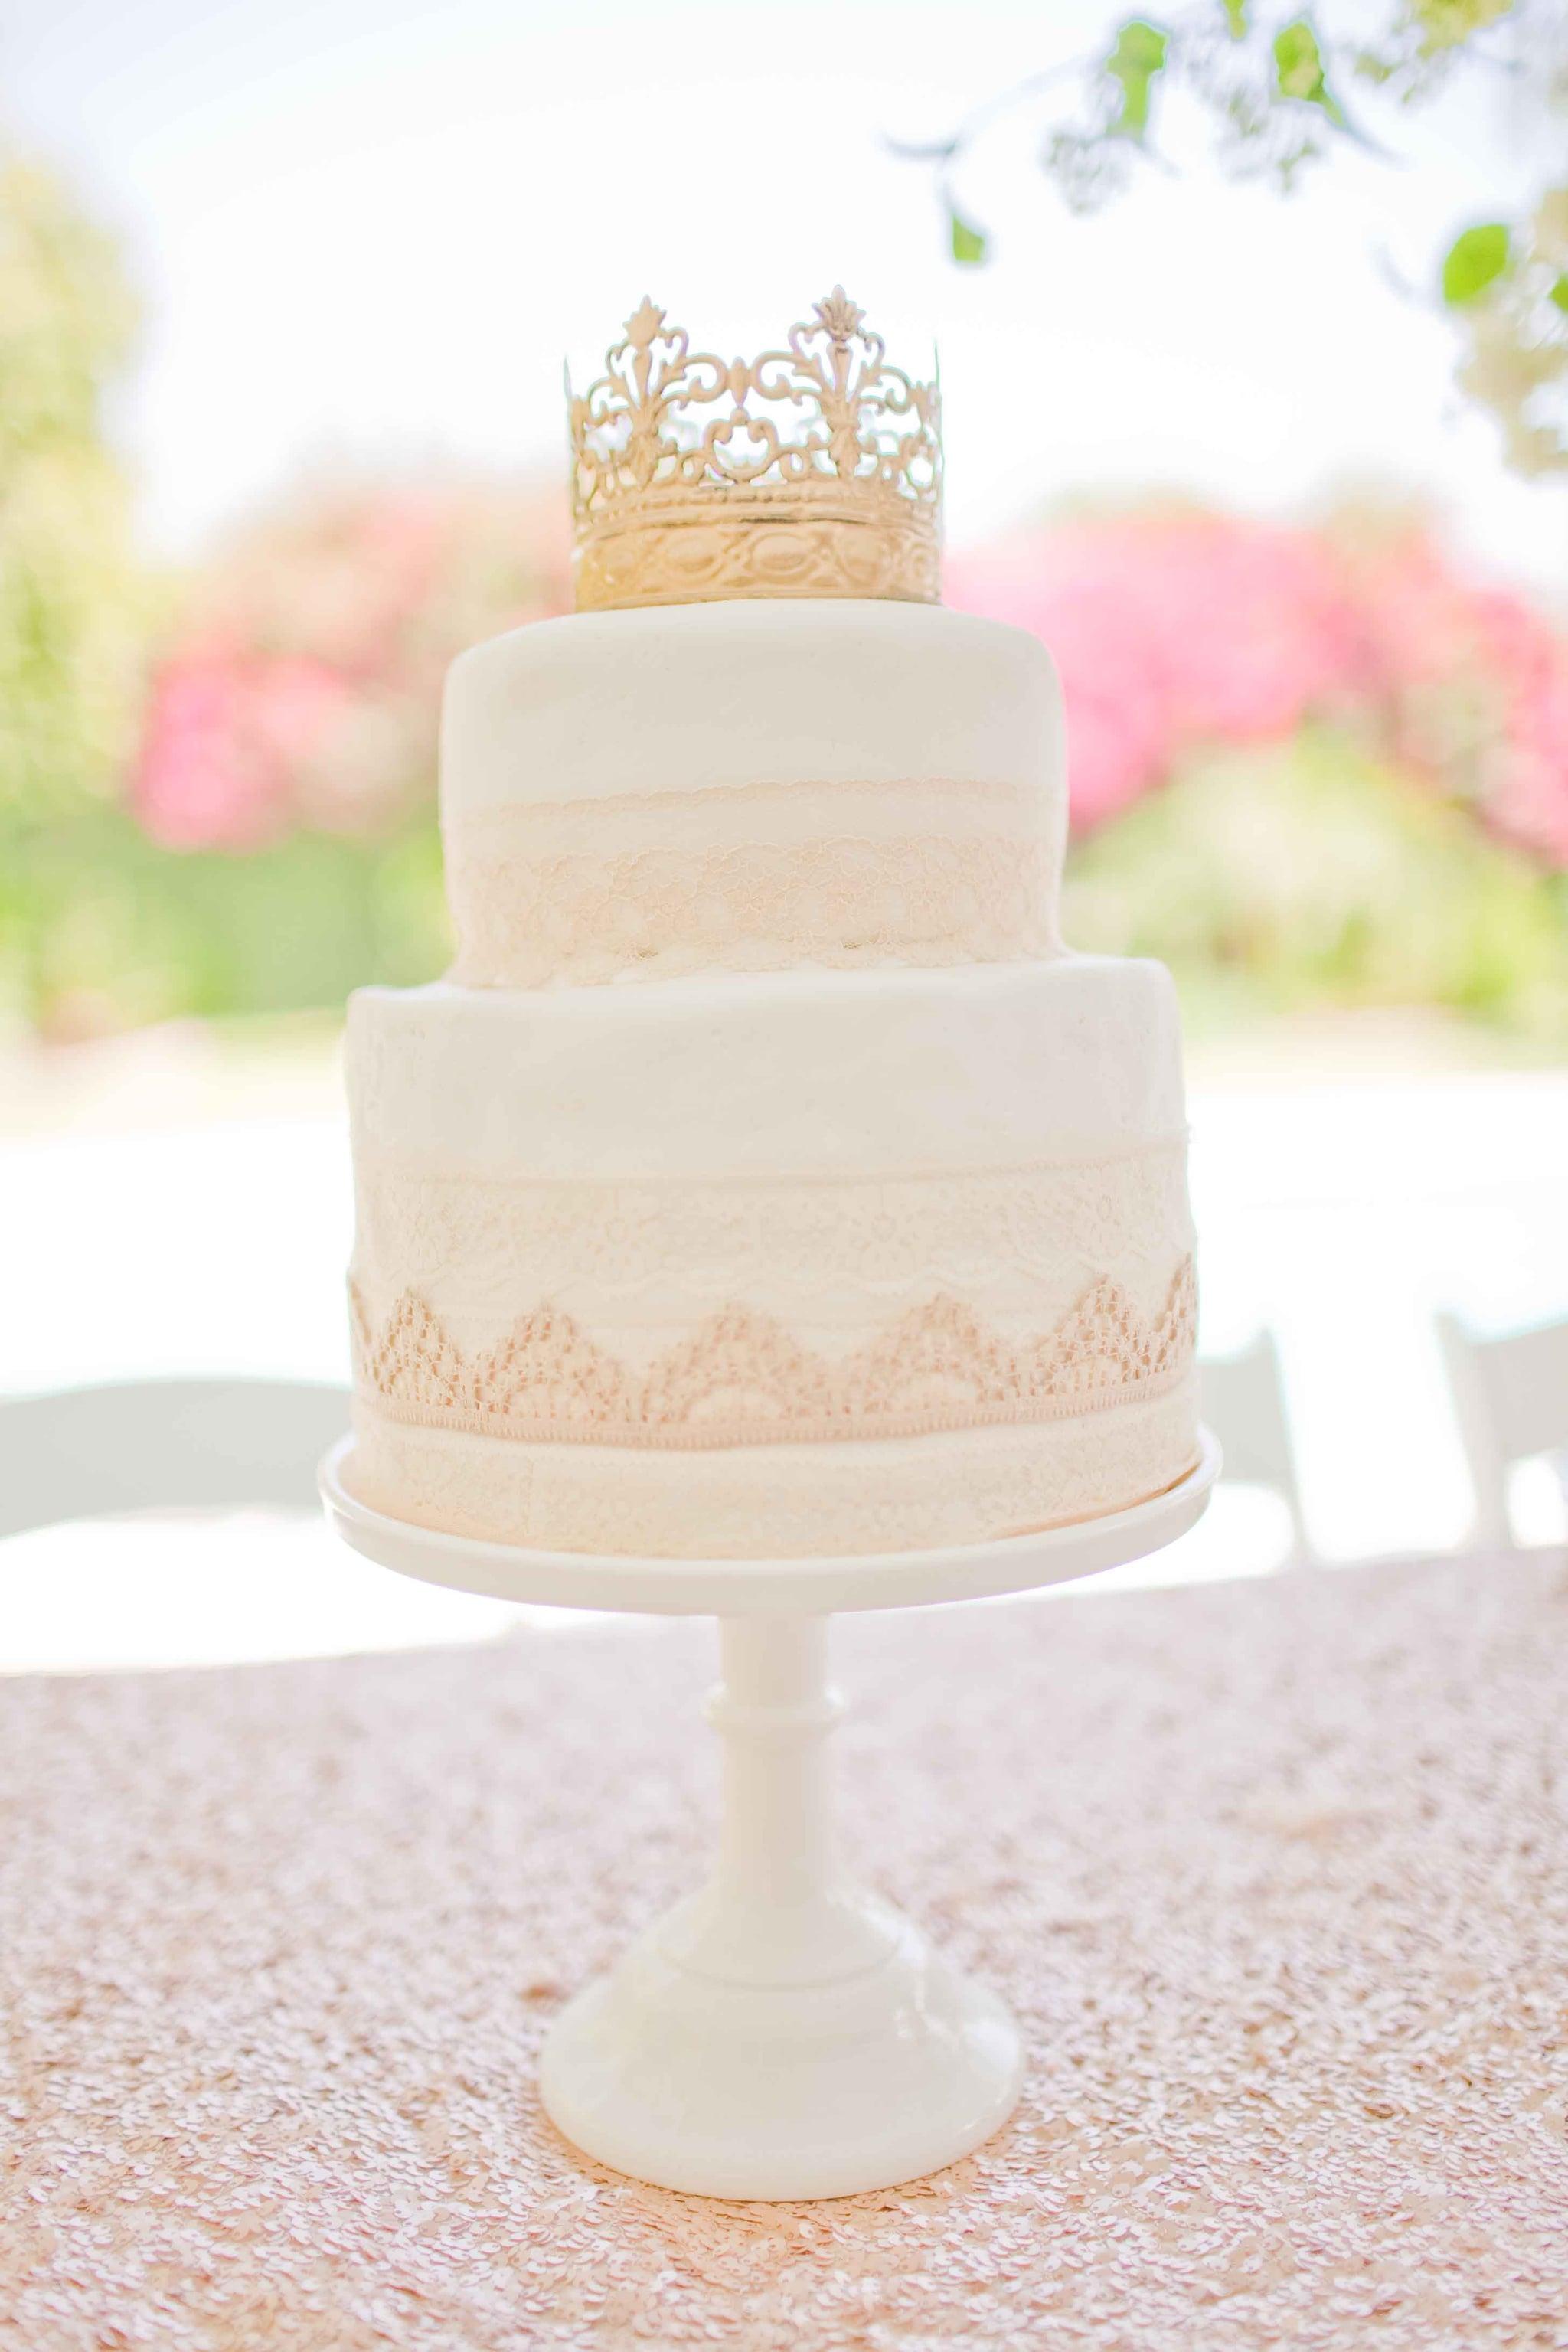 A Royal Cake